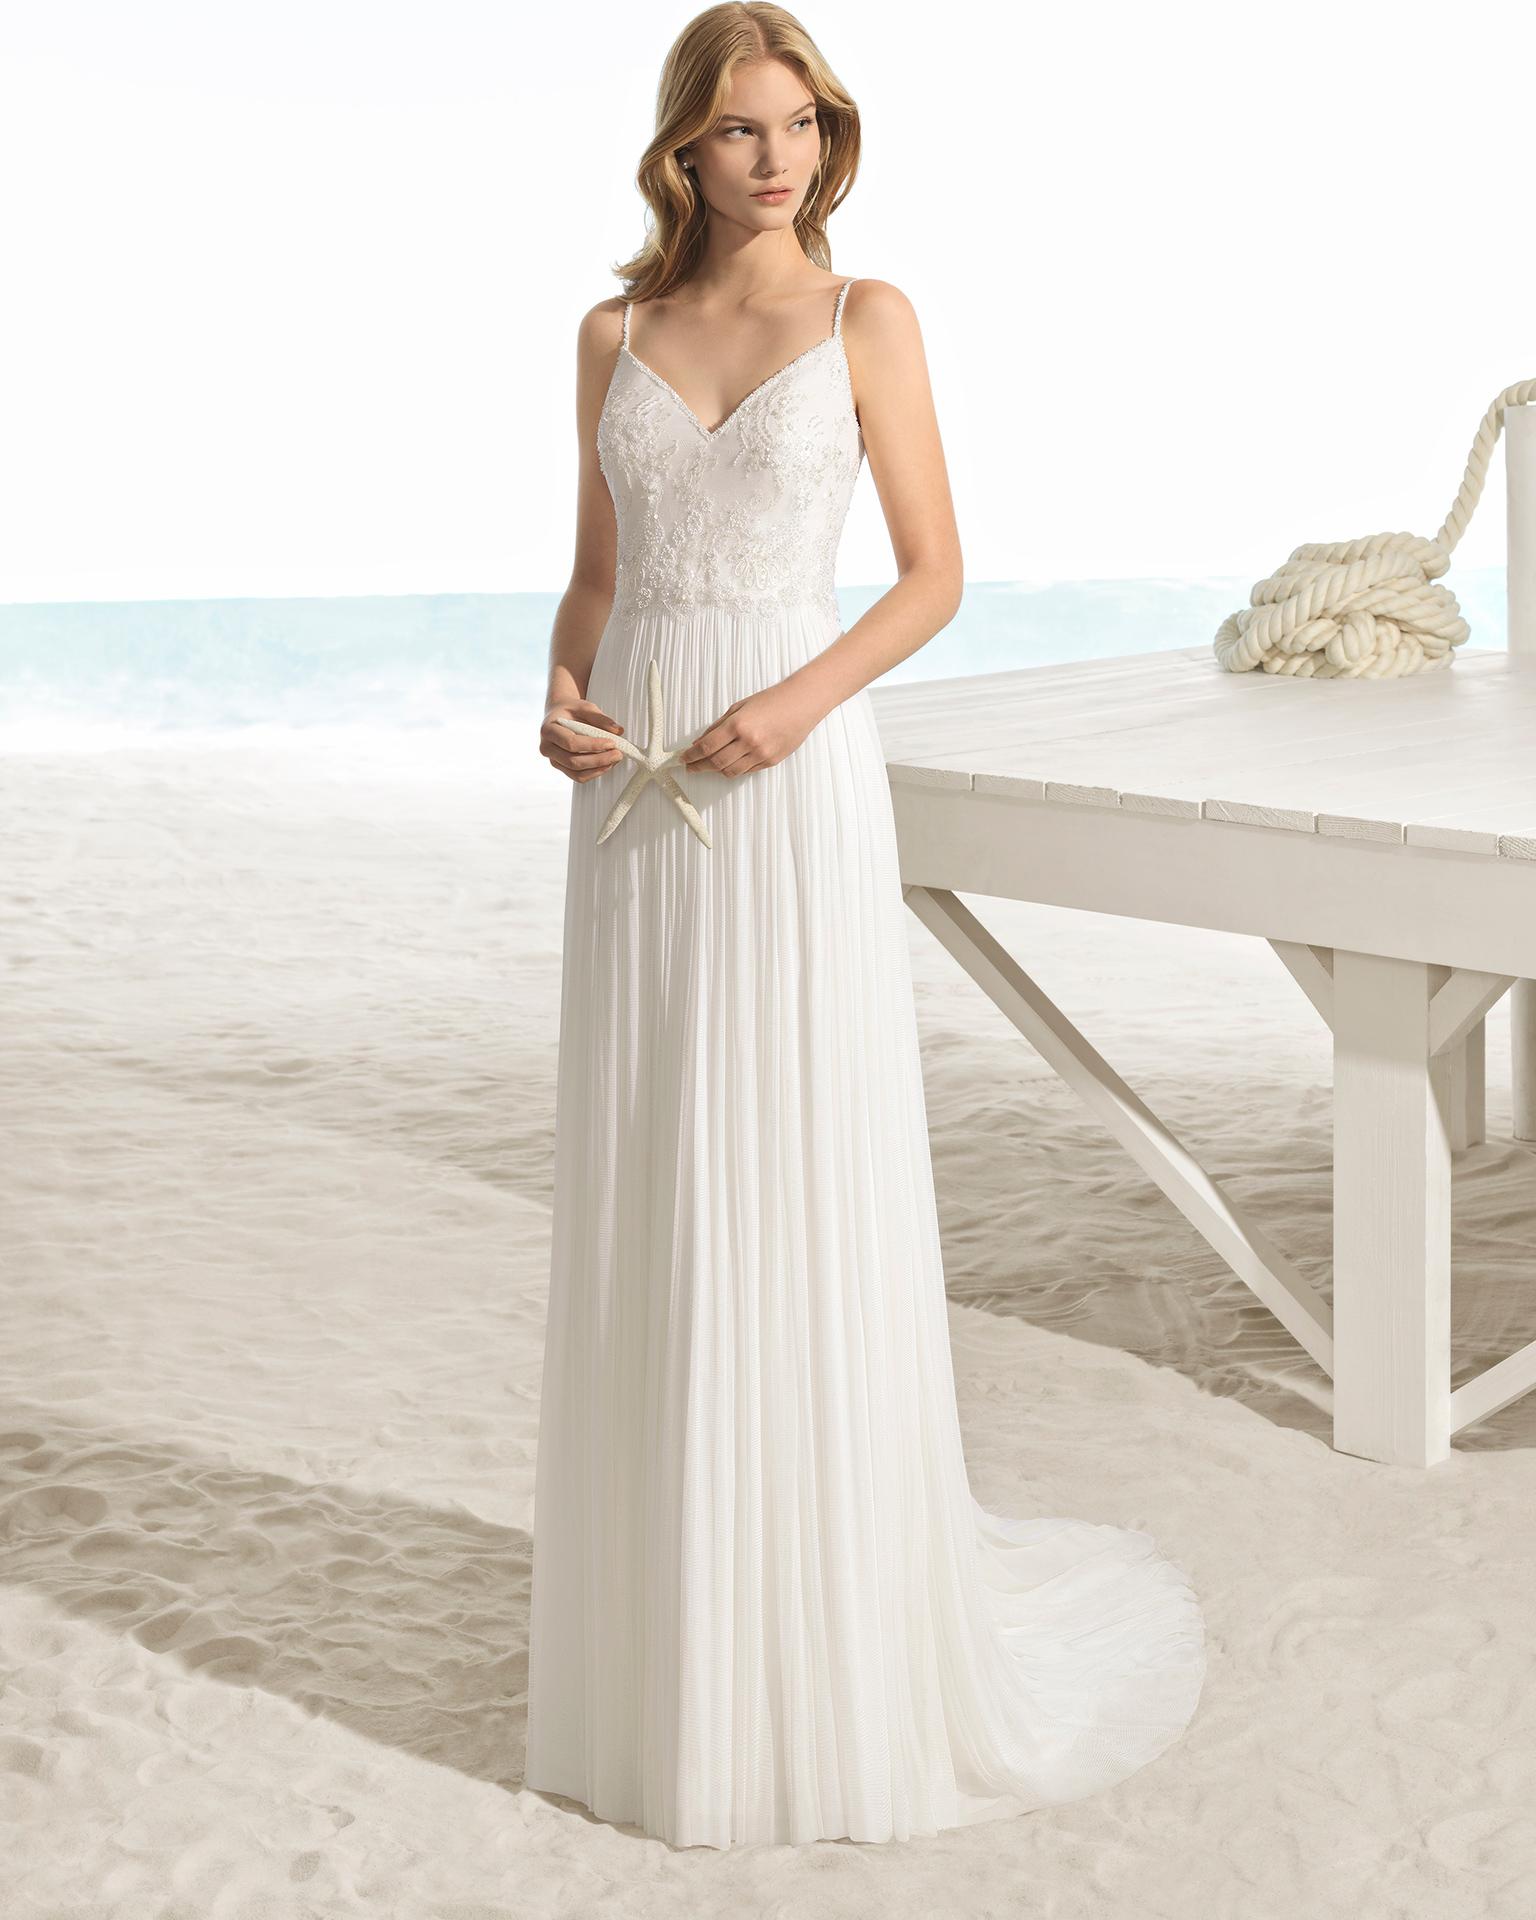 فستان زفاف ذو نمط بوهيمي من الدانتيل والموسلين الحريري المزيّن بالخرز، ذو تقويرة وفتحة ظهر على شكل